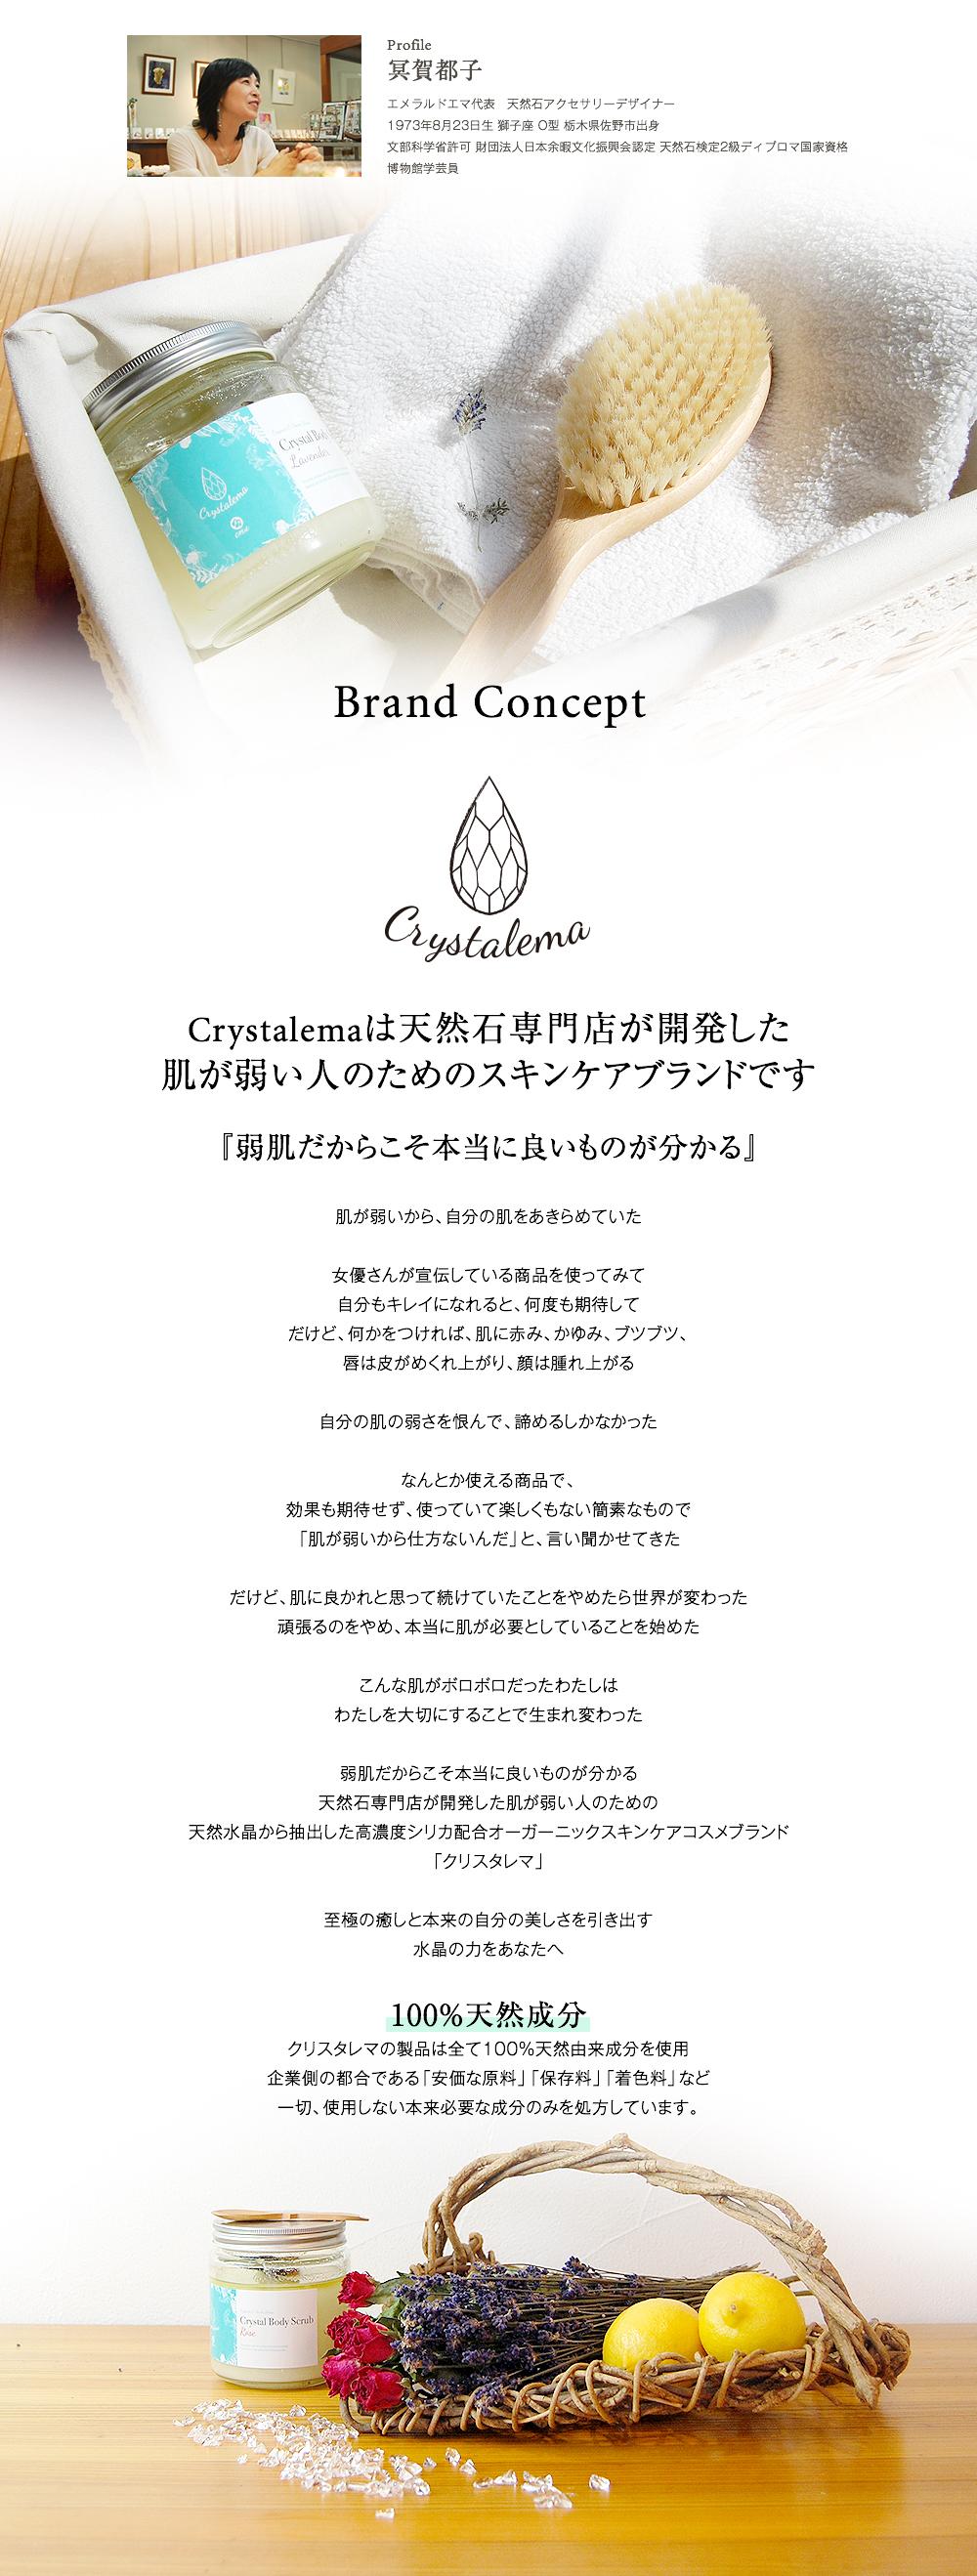 Crystalemaは天然石専門店が開発した肌が弱い人のためのスキンケアブランドです